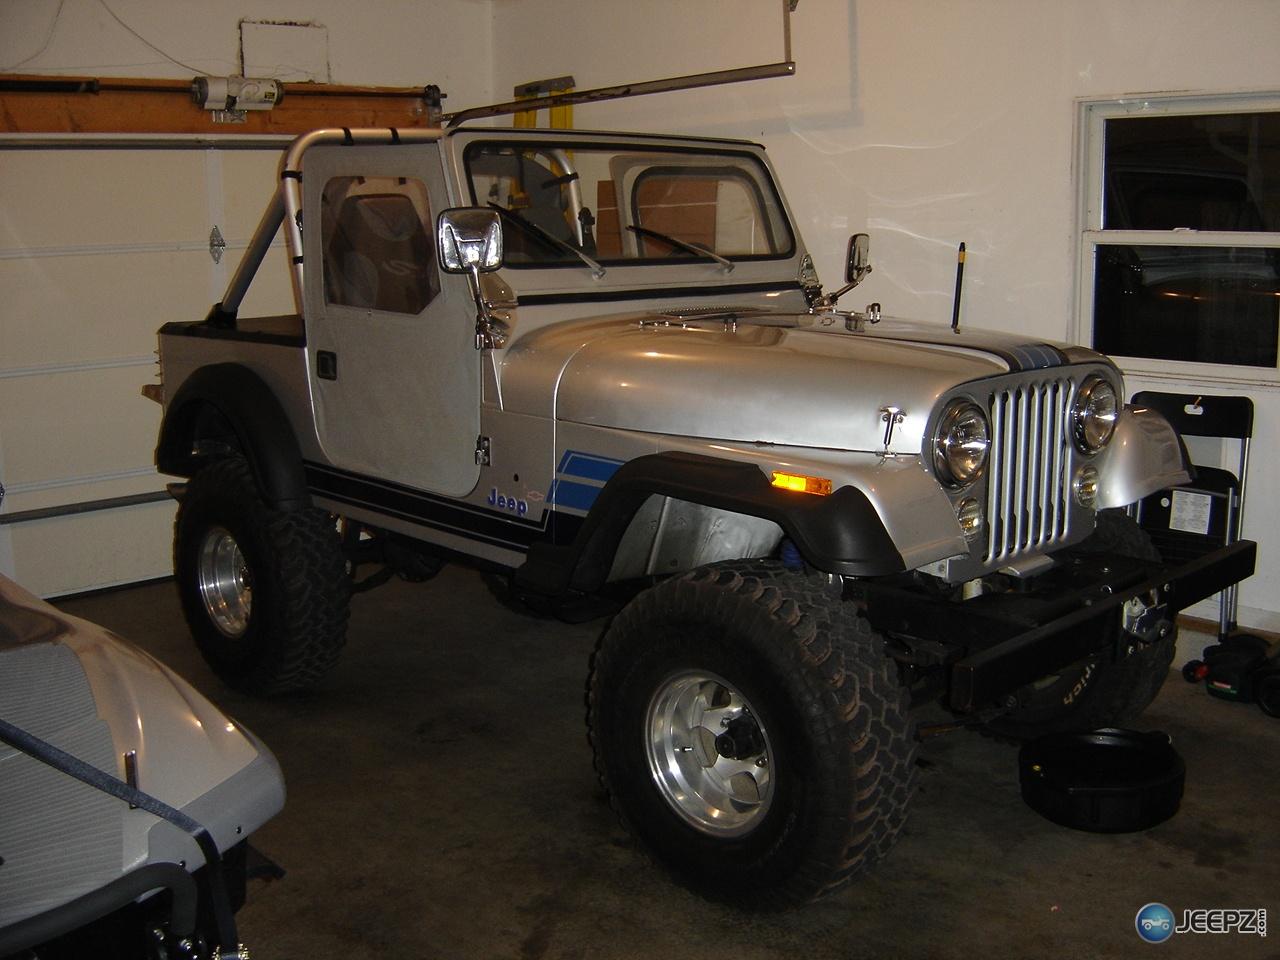 81 jeep cj 7 for sale. Black Bedroom Furniture Sets. Home Design Ideas